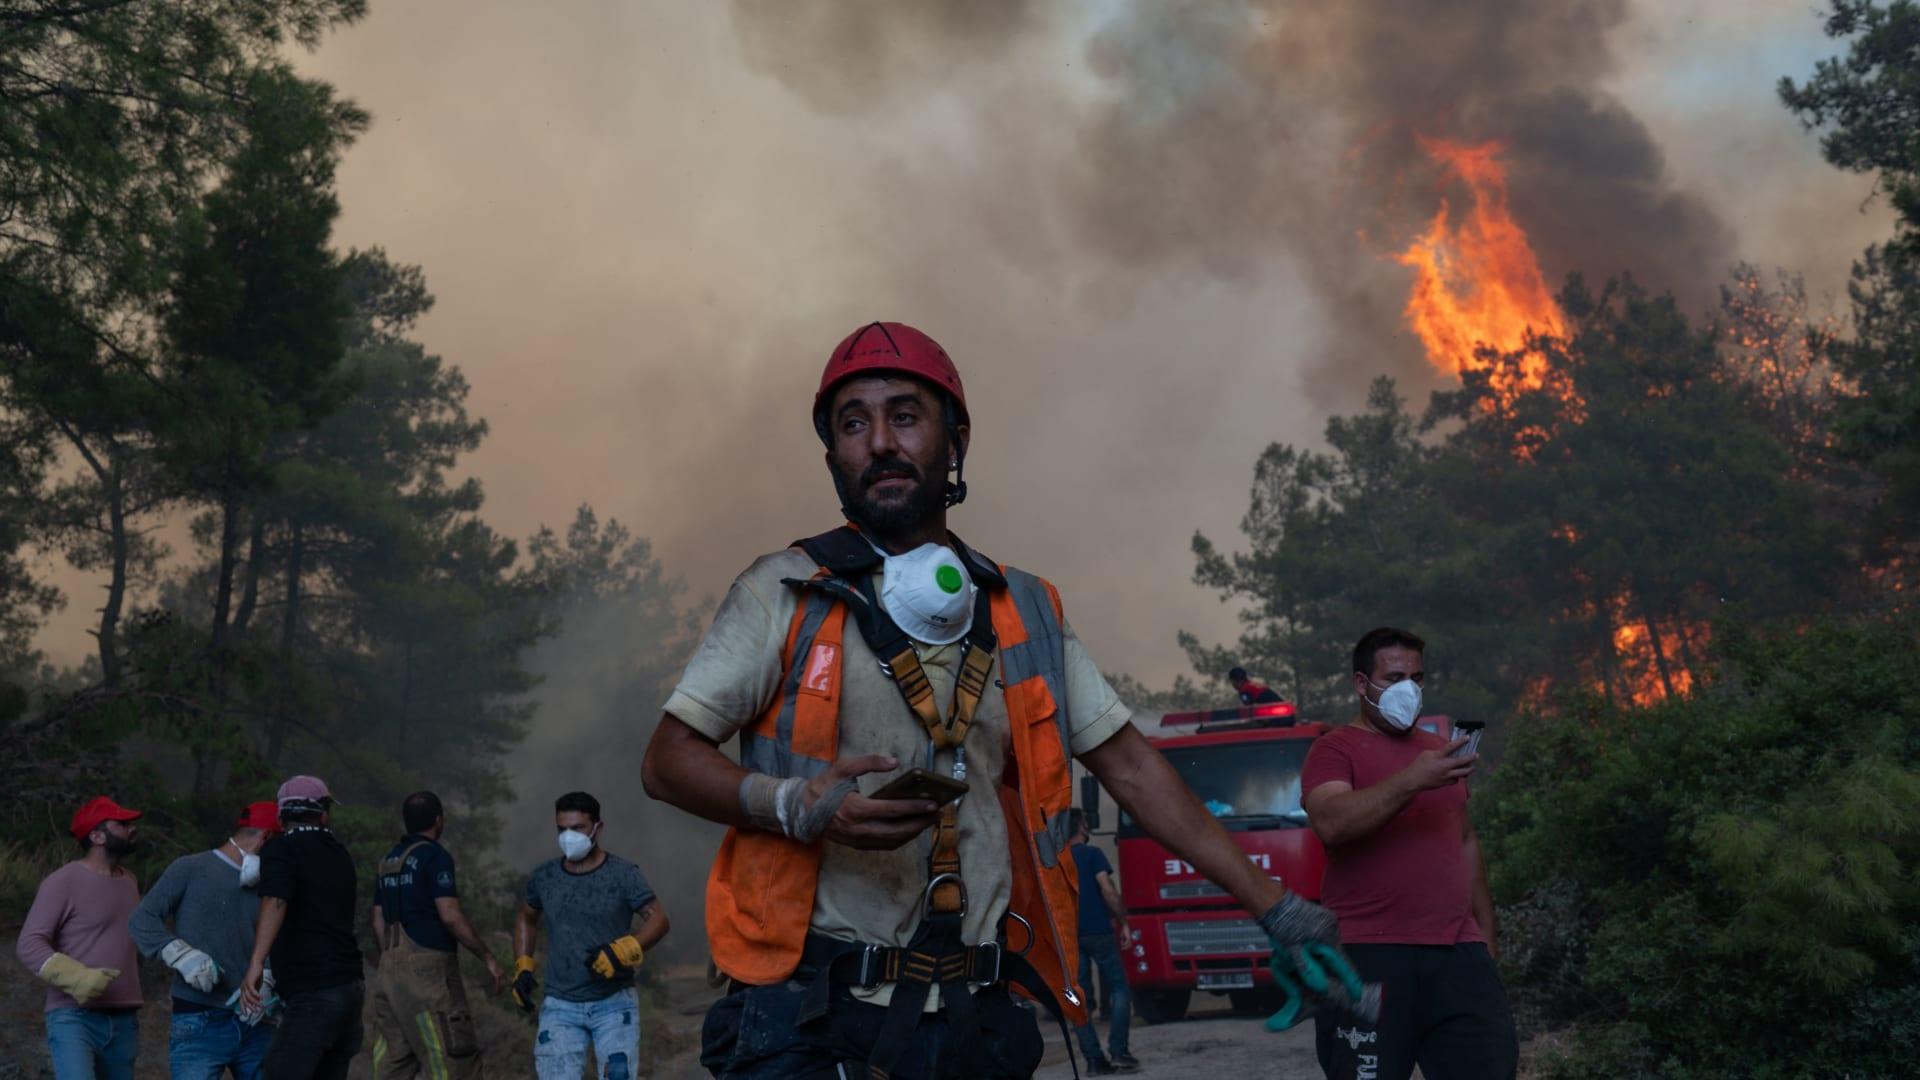 رجال الإطفاء يكافحون حريقًا هائلًا في موغلا بمنطقة مرماريس في تركيا - 2 أغسطس 2021